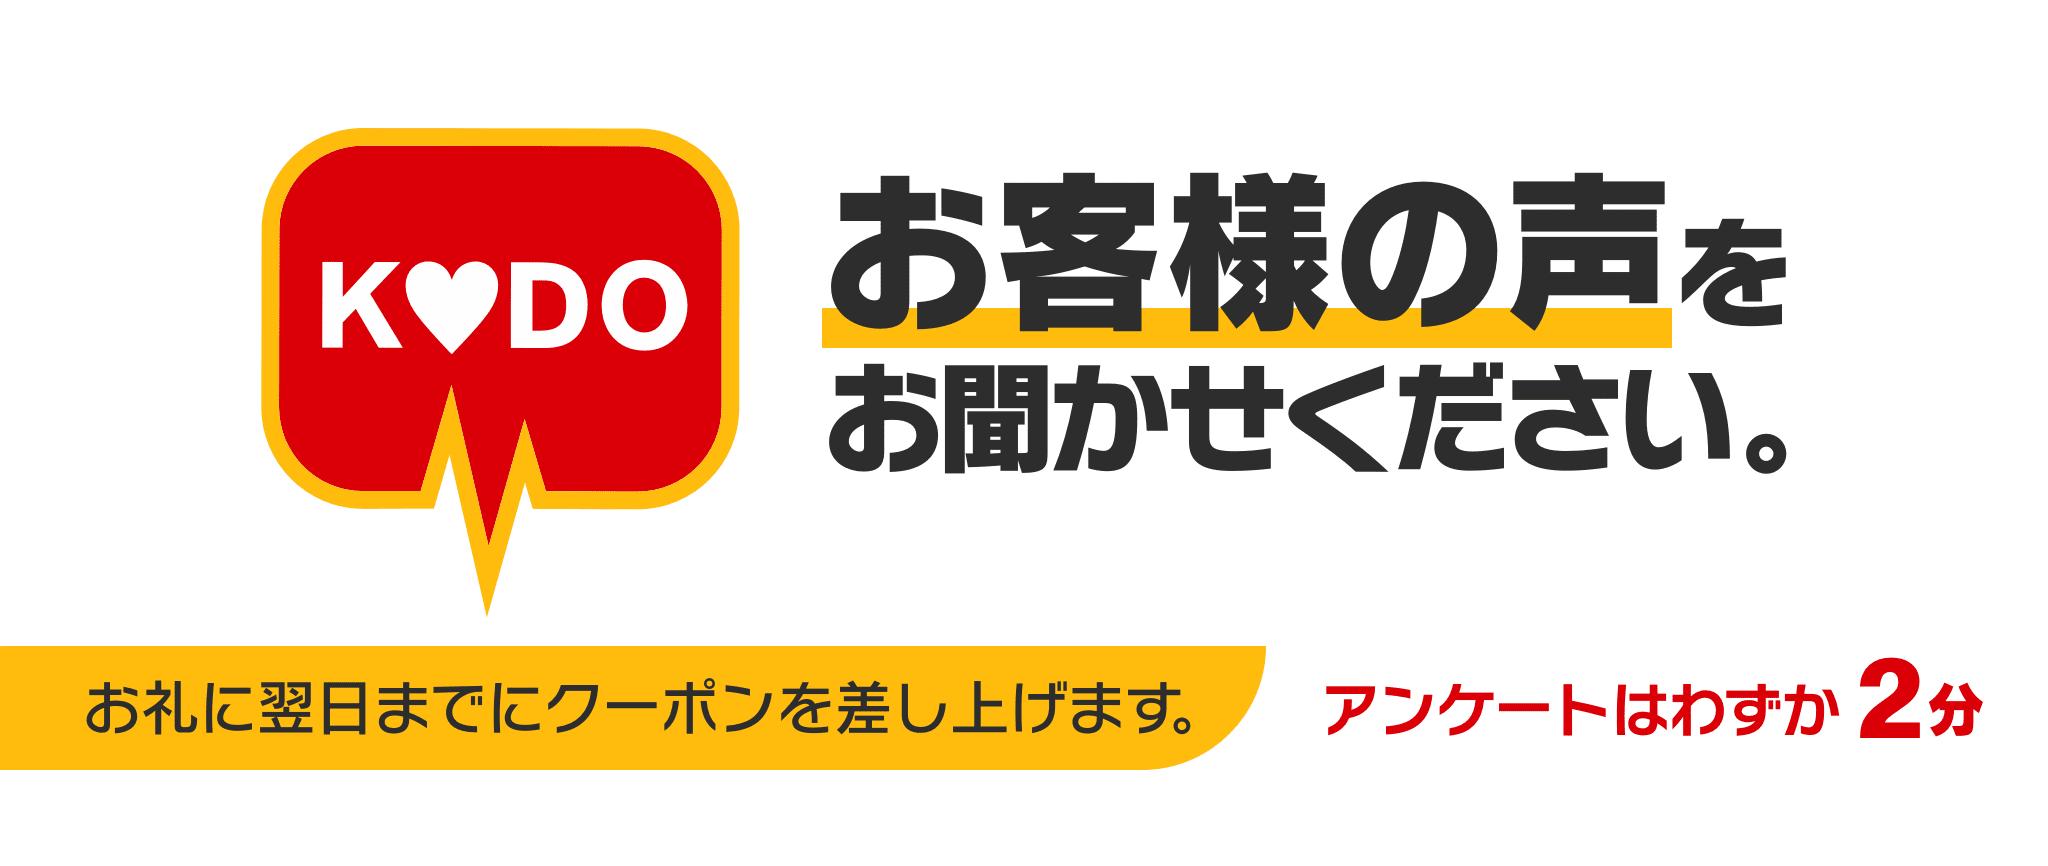 あなたの声が明日のマクドナルドをつくります。 | McDonald's Japan